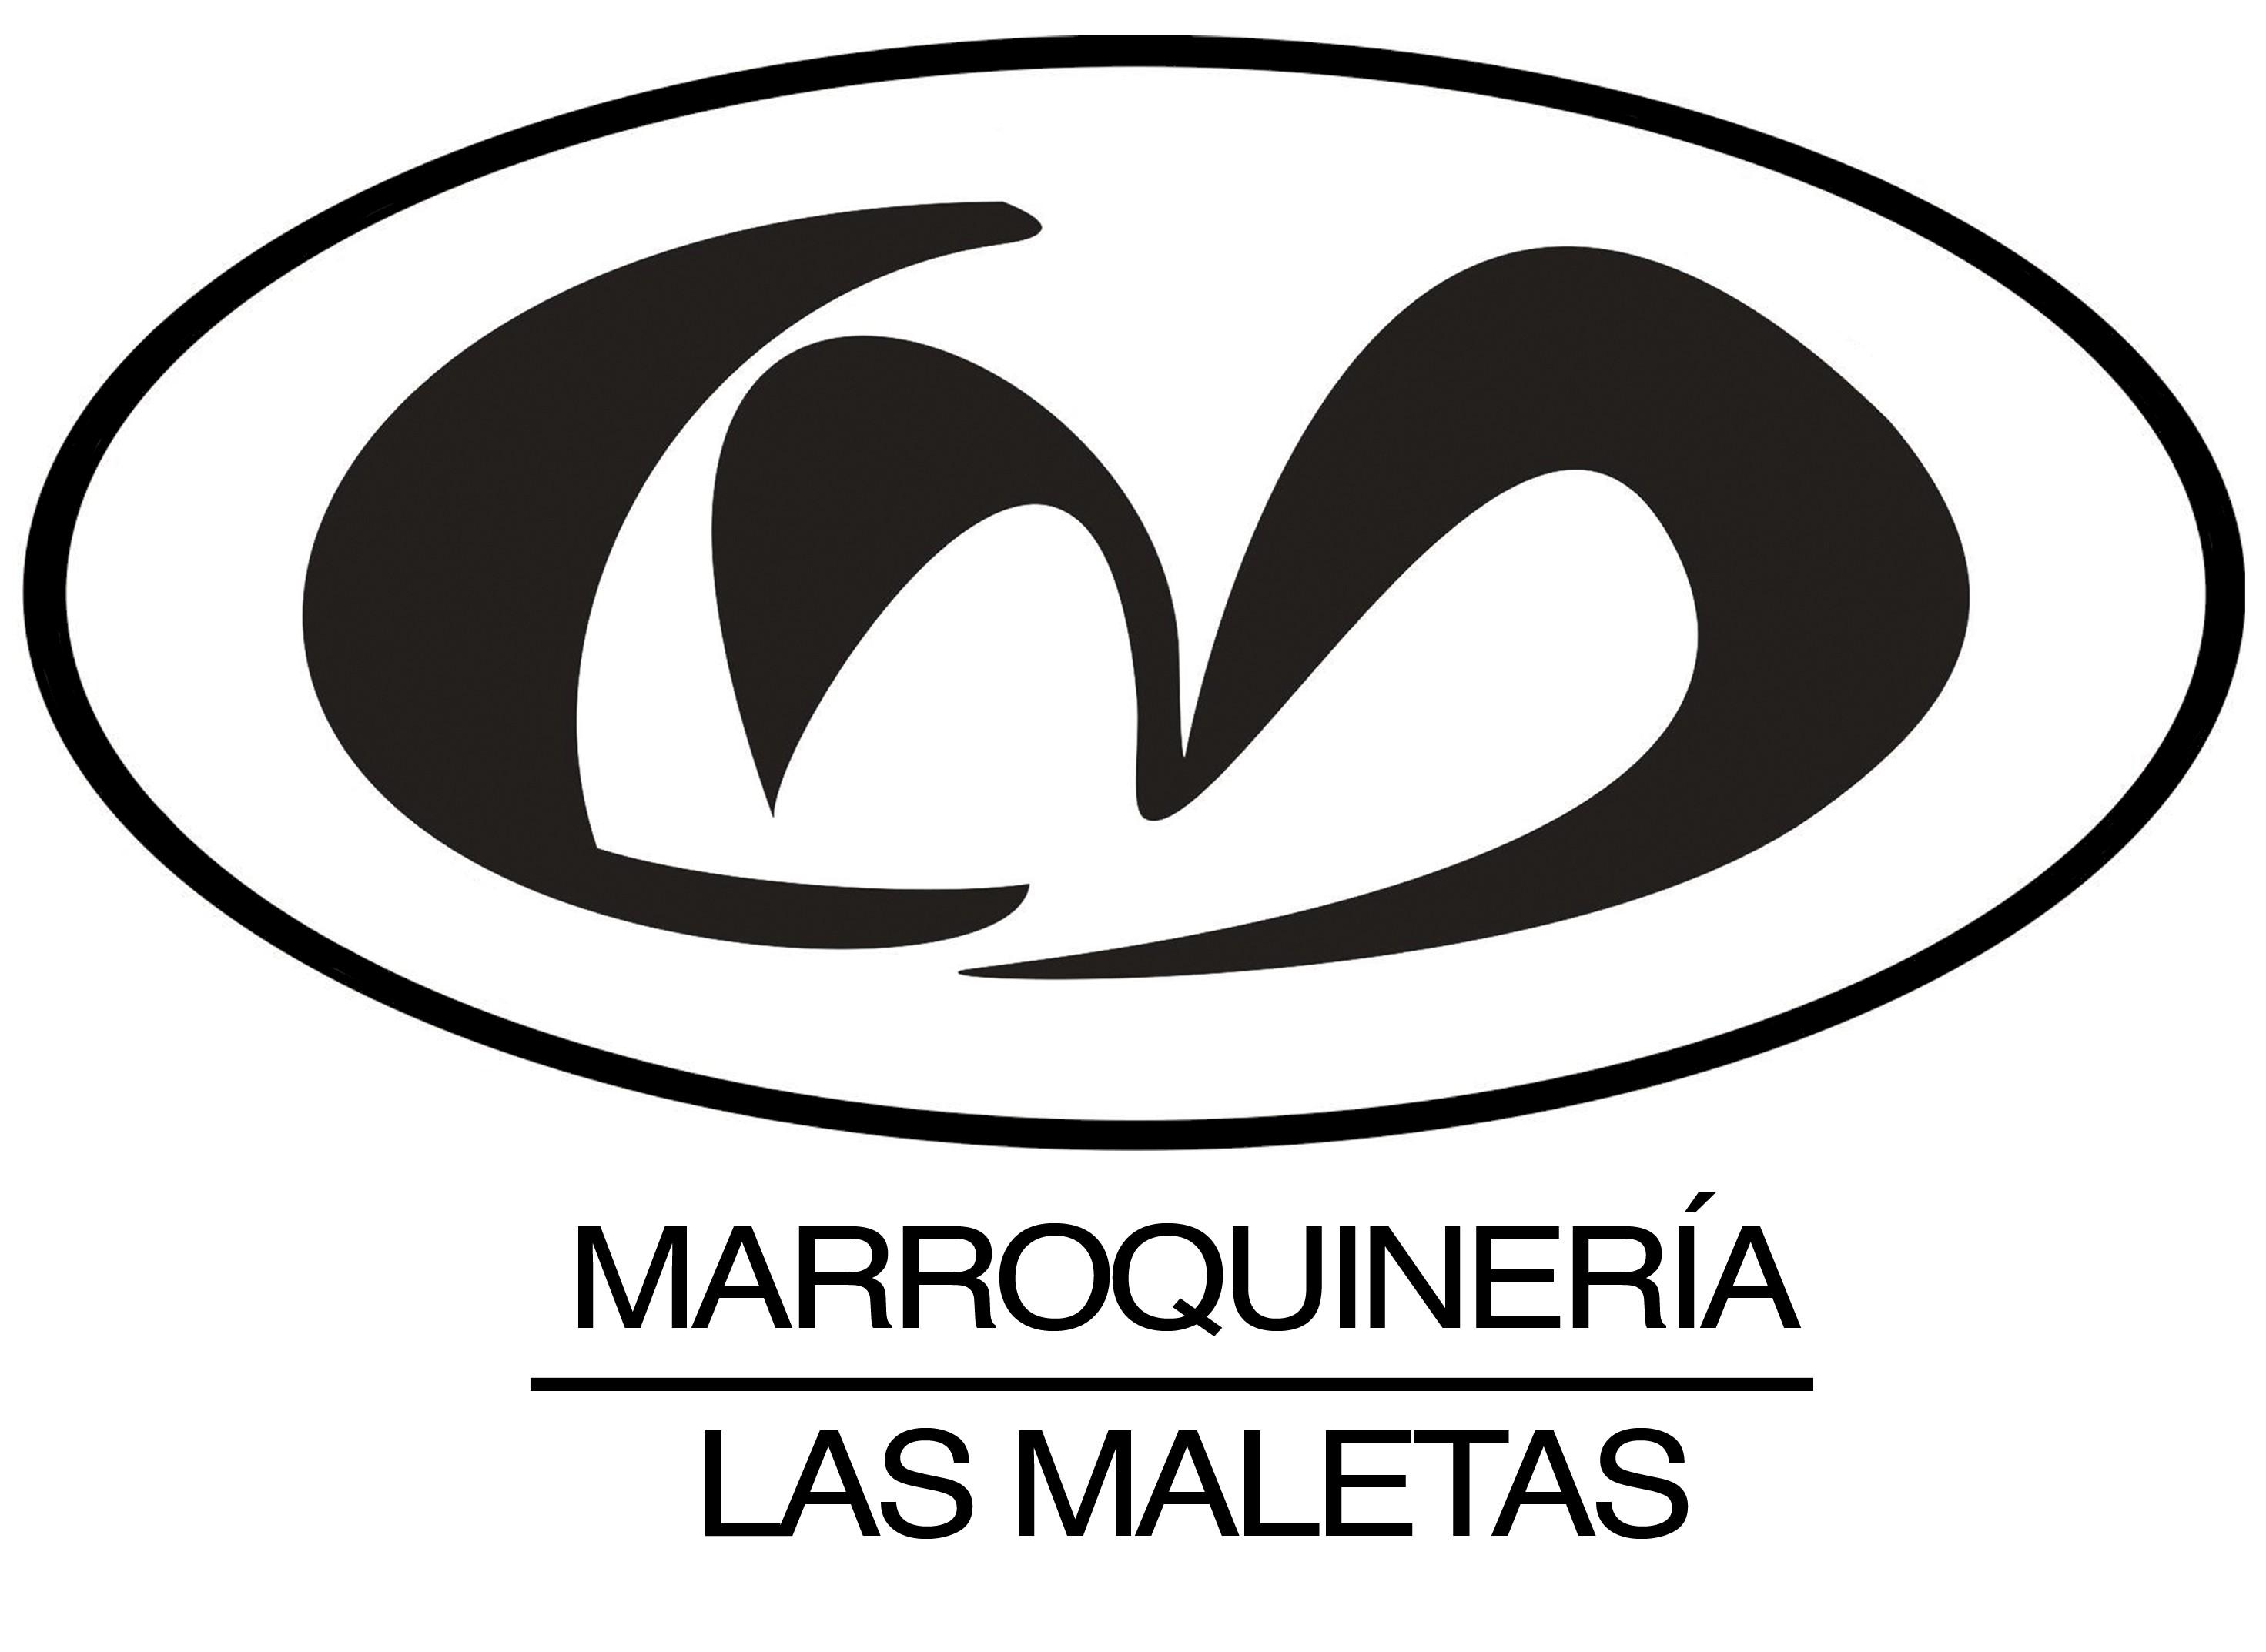 Las Maletas